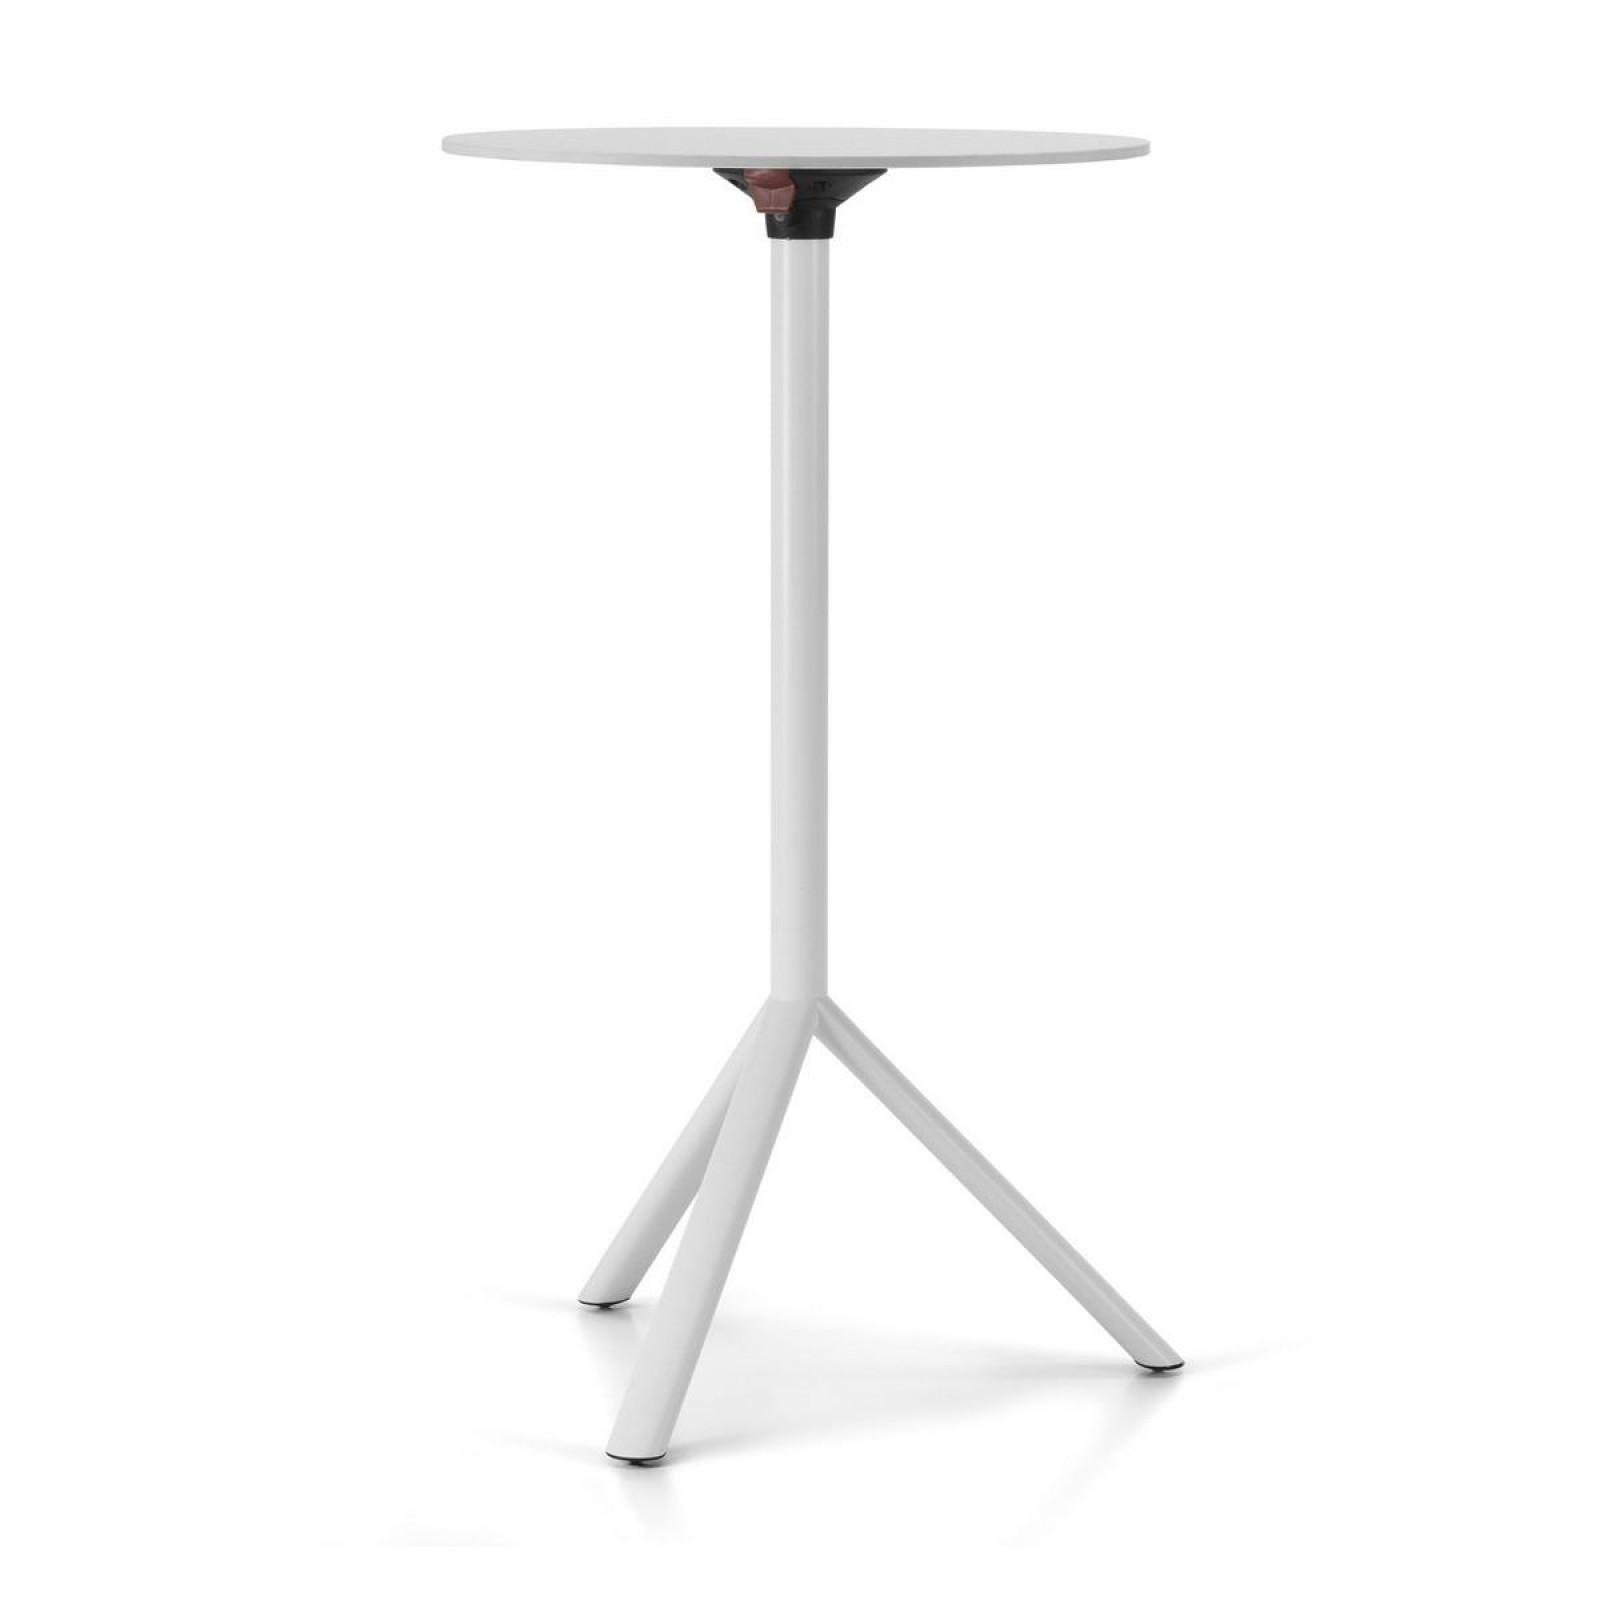 MIURA High Round Table - PLANK-White-Diameter 70 cm White Laminate